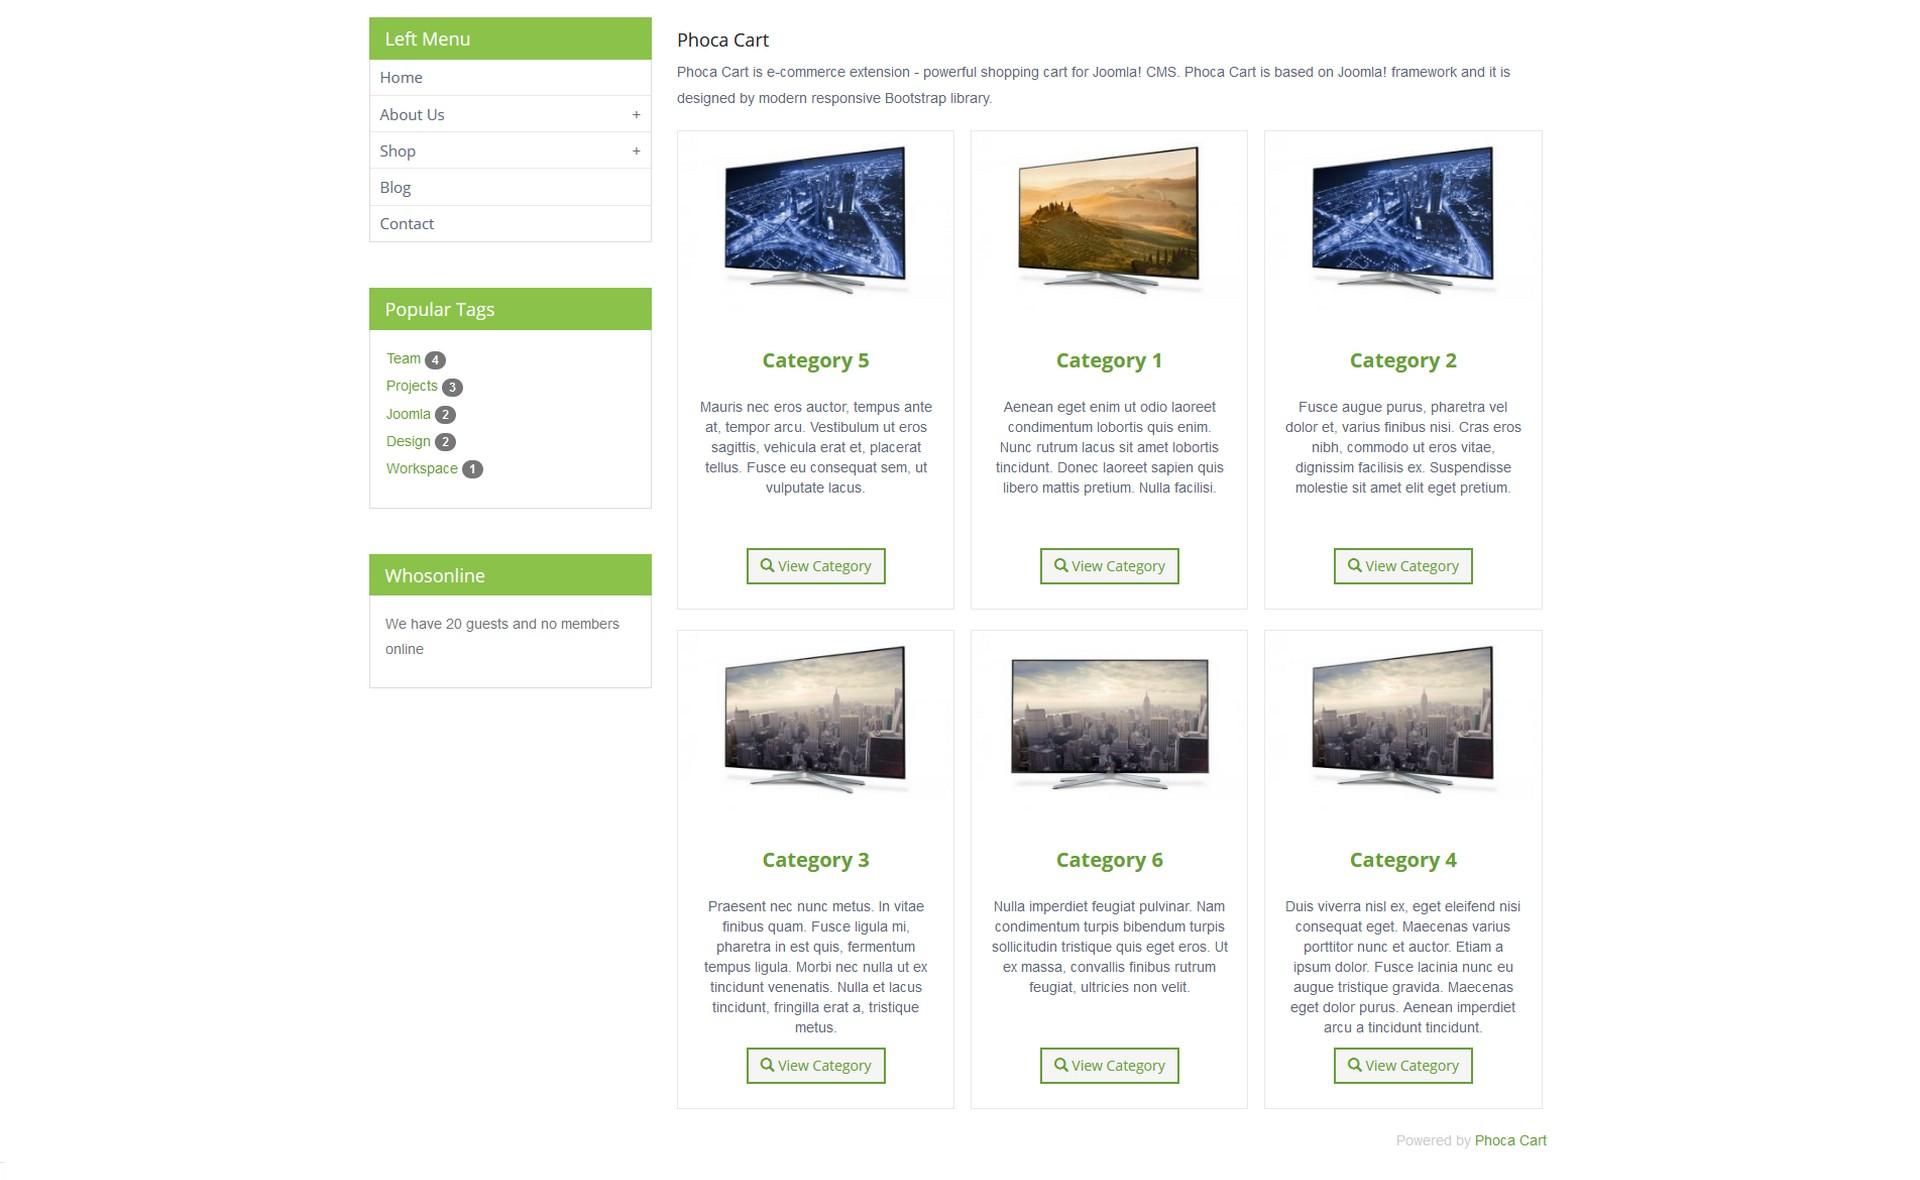 Phoca cart seznam kategorií